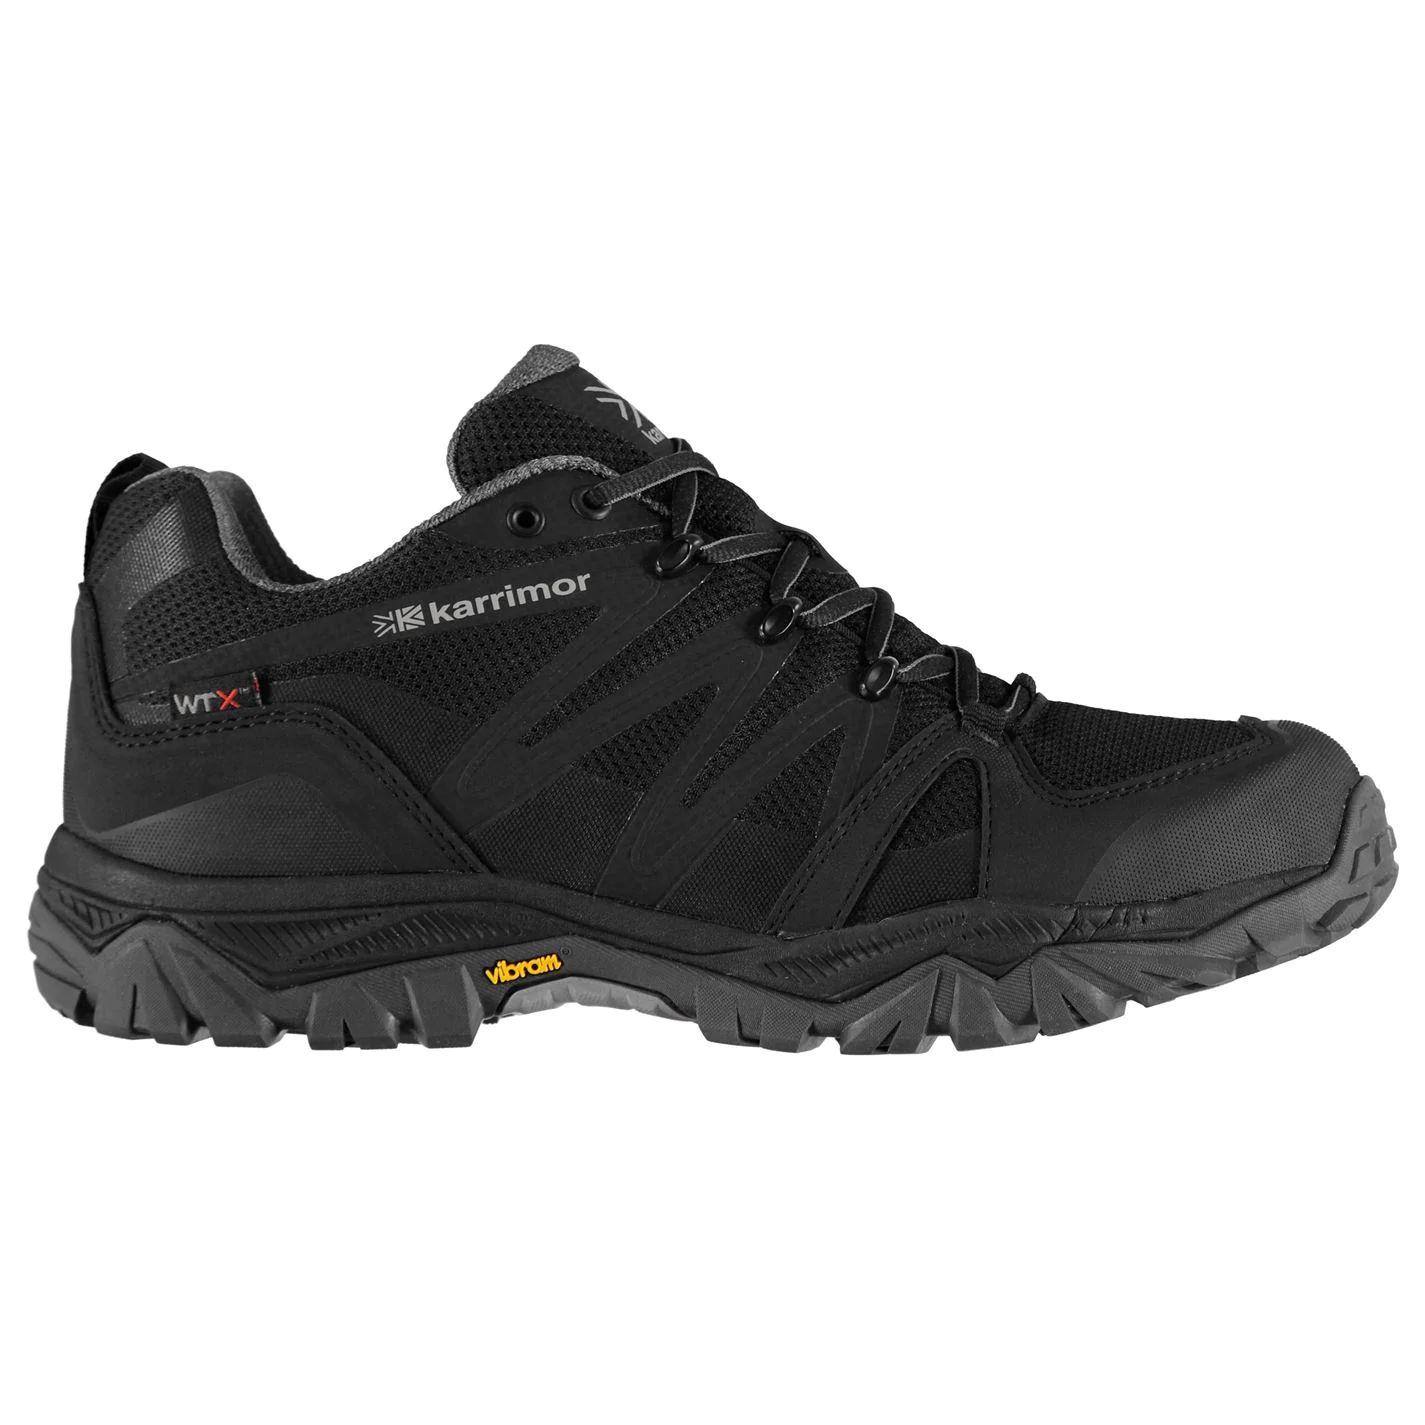 KARRIMOR Ocelot Walking Shoes Mens MSRP £50.99 C&C/Delivered @ Sports Direct